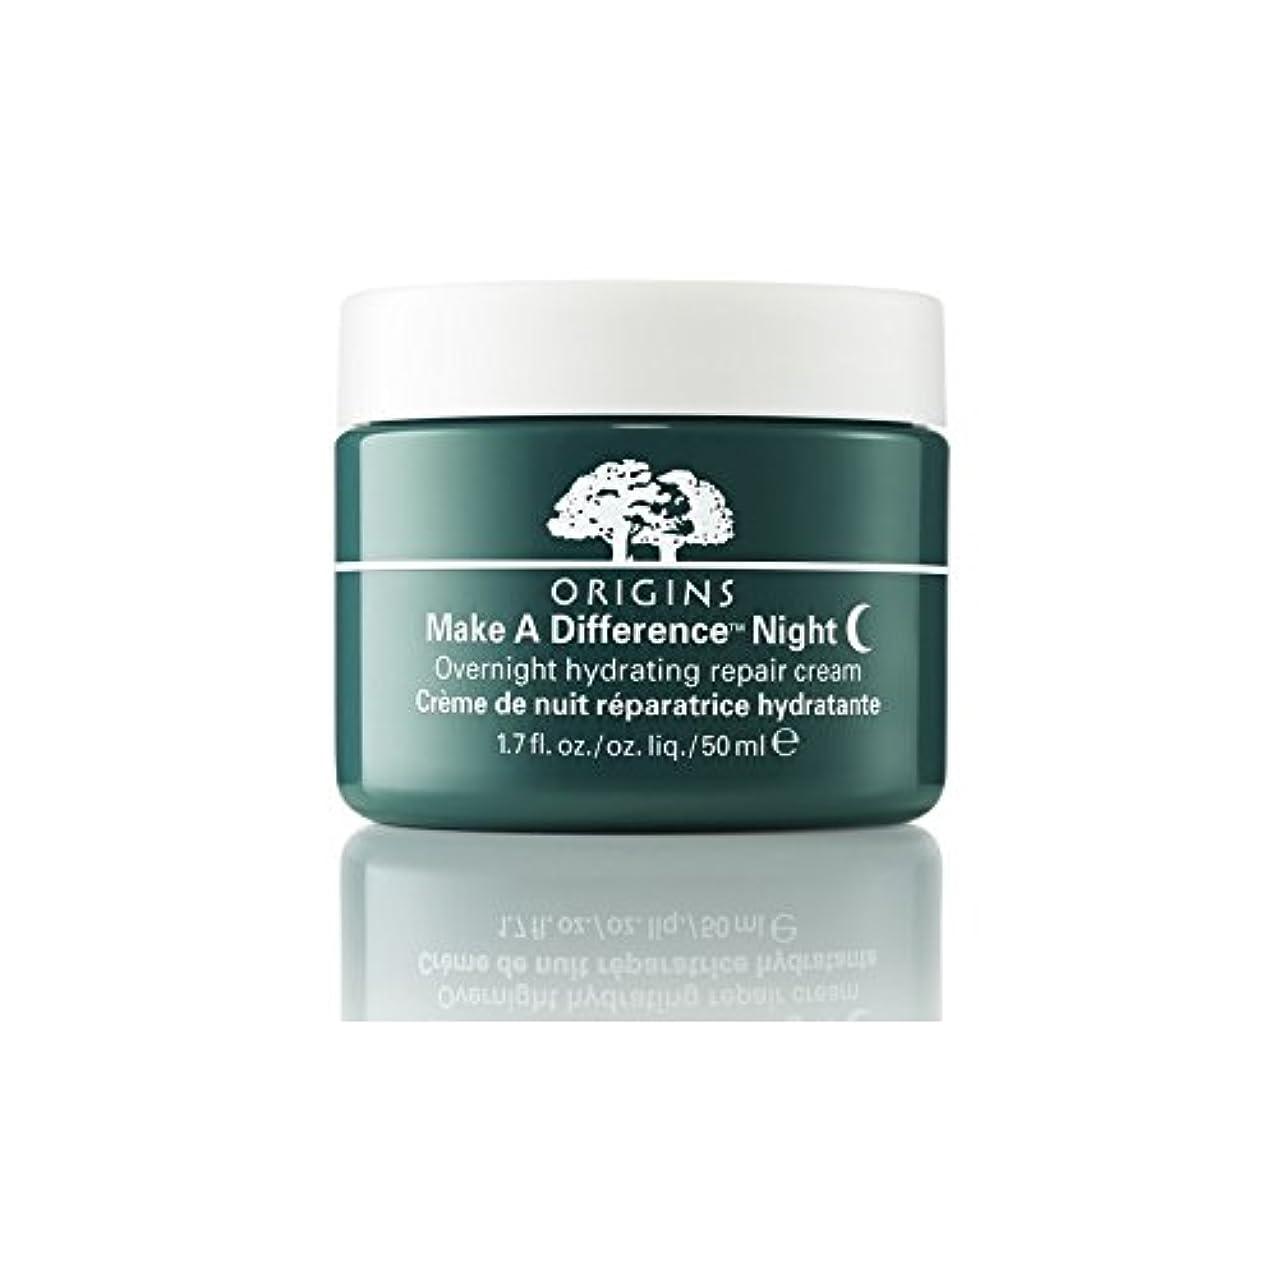 起源は違い、一晩水和リペアクリーム50ミリリットルを作ります x4 - Origins Make A Difference Overnight Hydrating Repair Cream 50ml (Pack of 4...